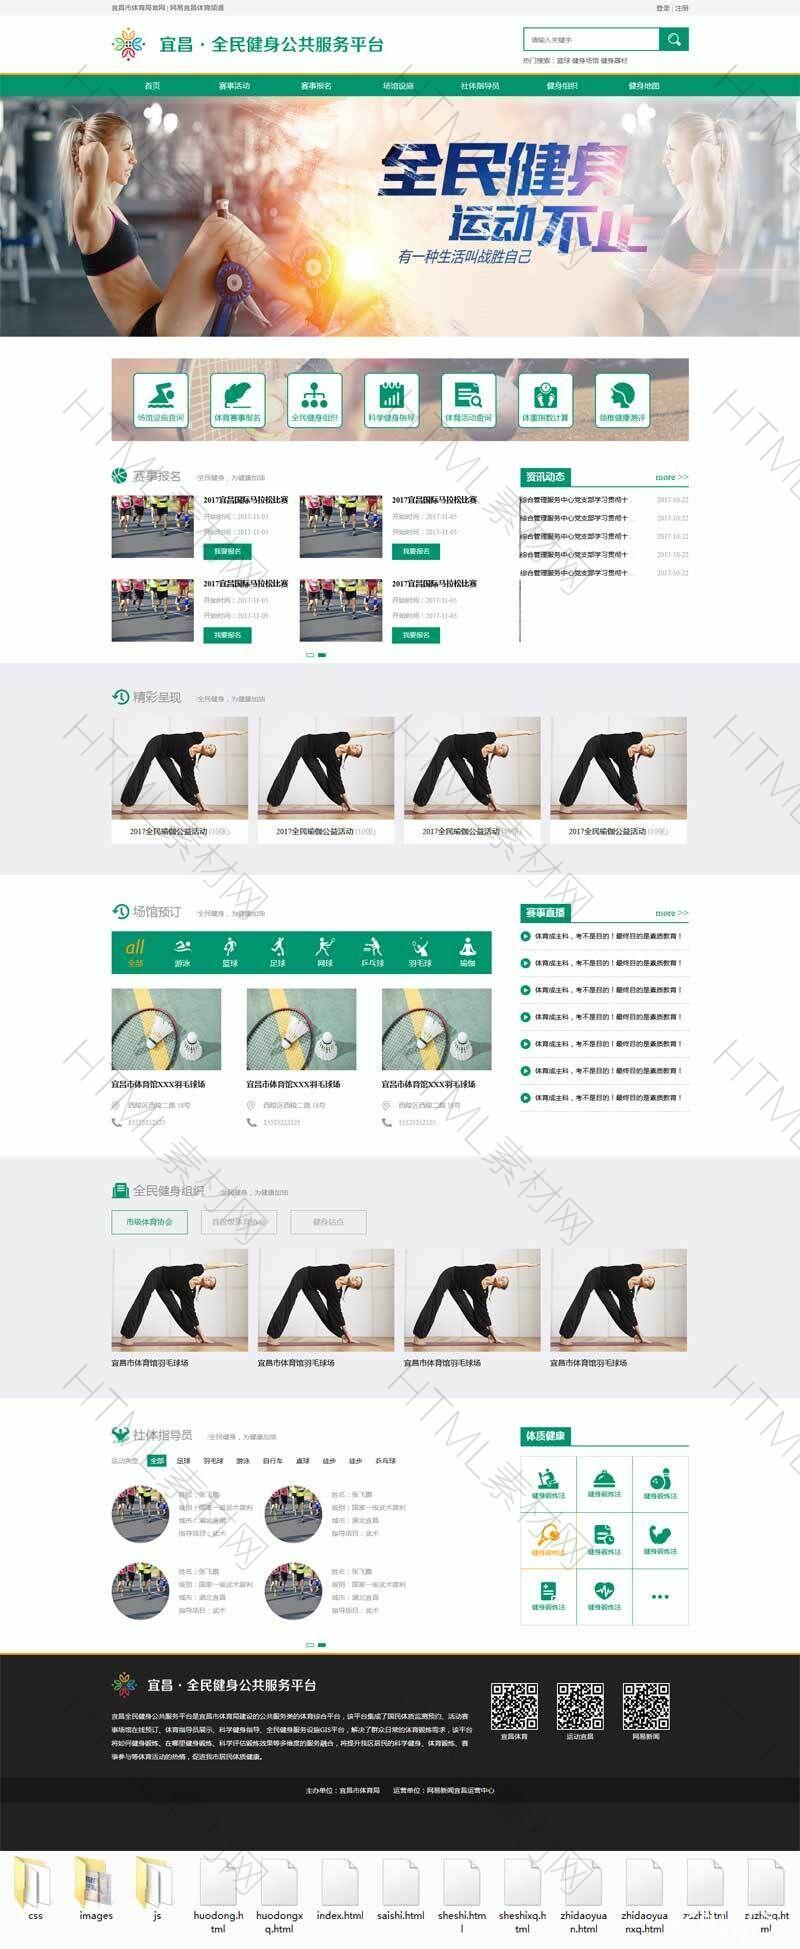 绿色的全民健身公共服务平台网站模板.jpg